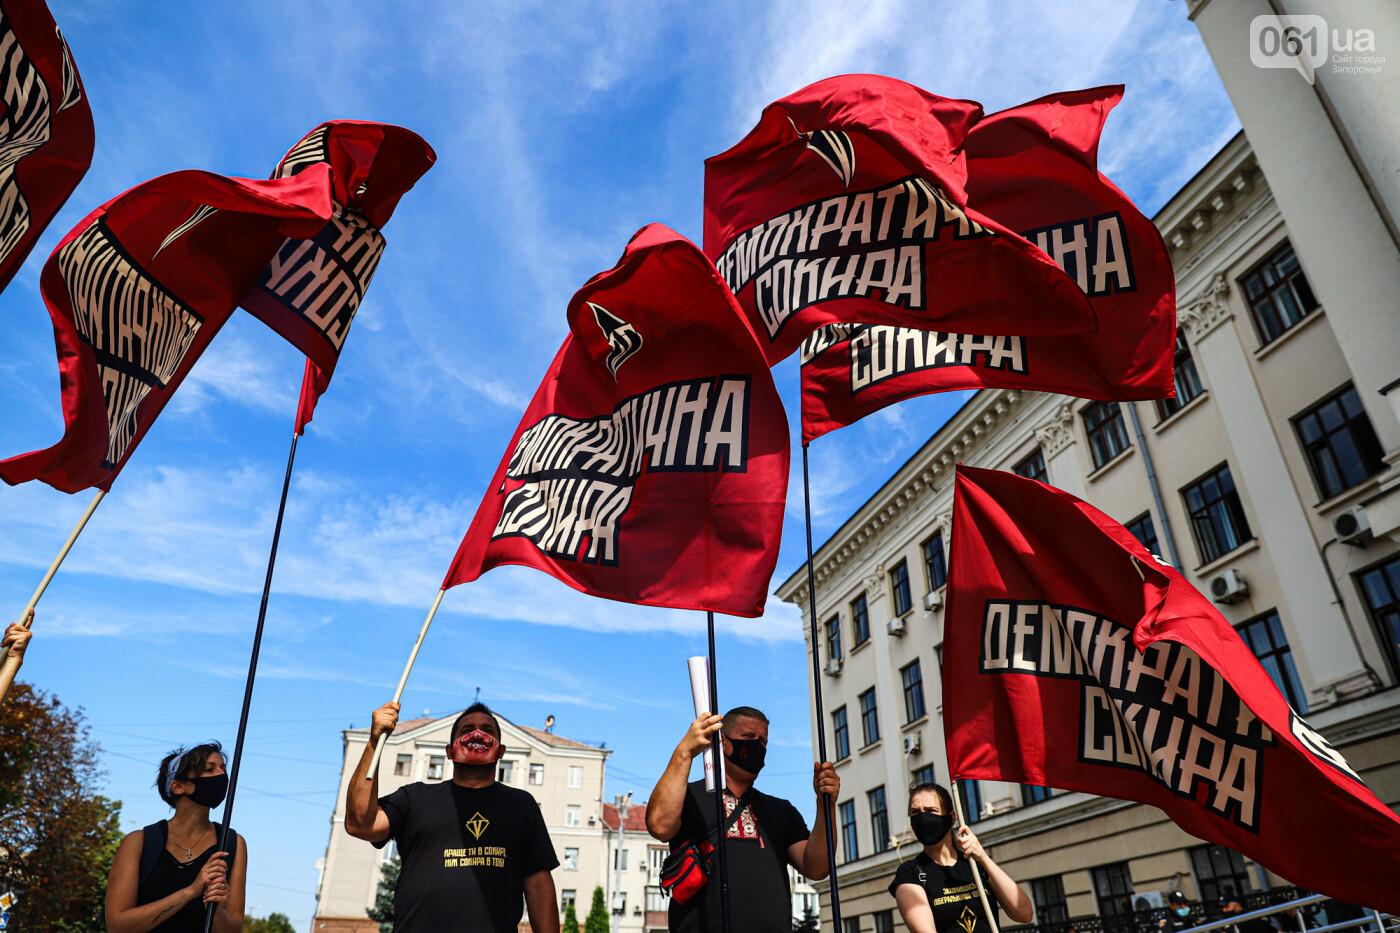 С пилами и в масках: в Запорожье возле мэрии активисты показали, как распиливают городской бюджет, - ФОТОРЕПОРТАЖ, фото-19